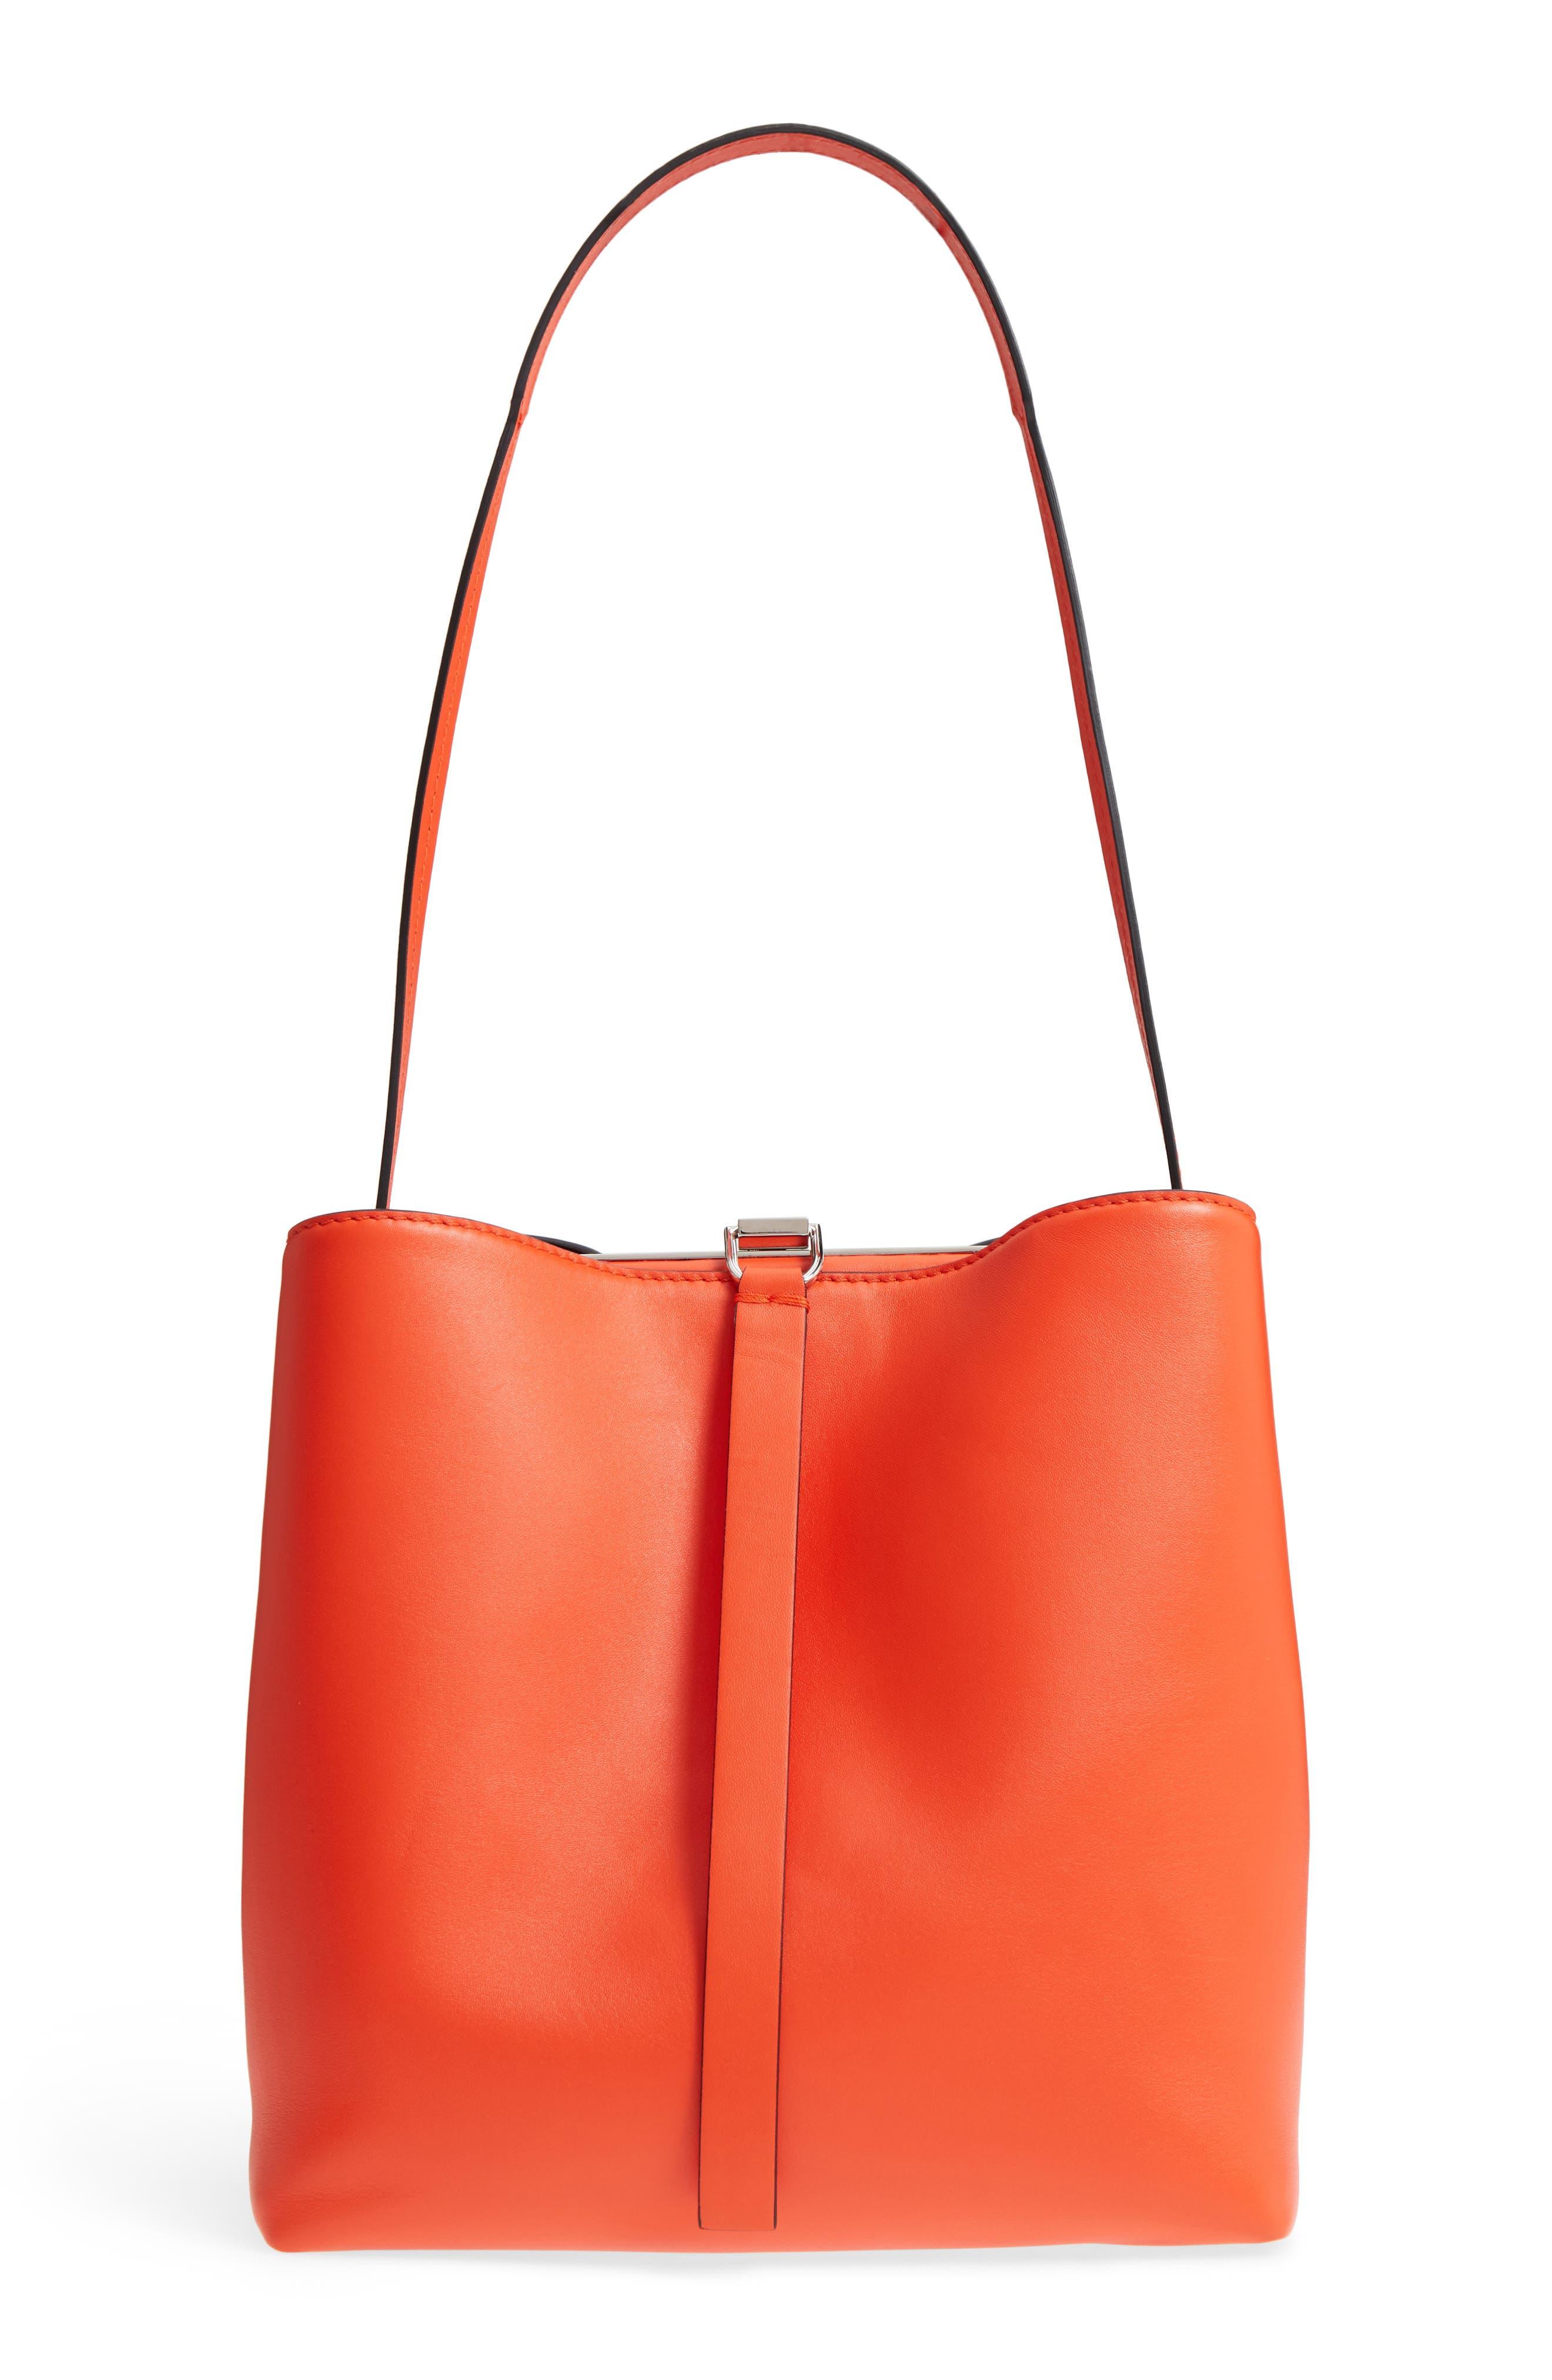 Frame Leather Shoulder Bag,                             Main thumbnail 1, color,                             Orange